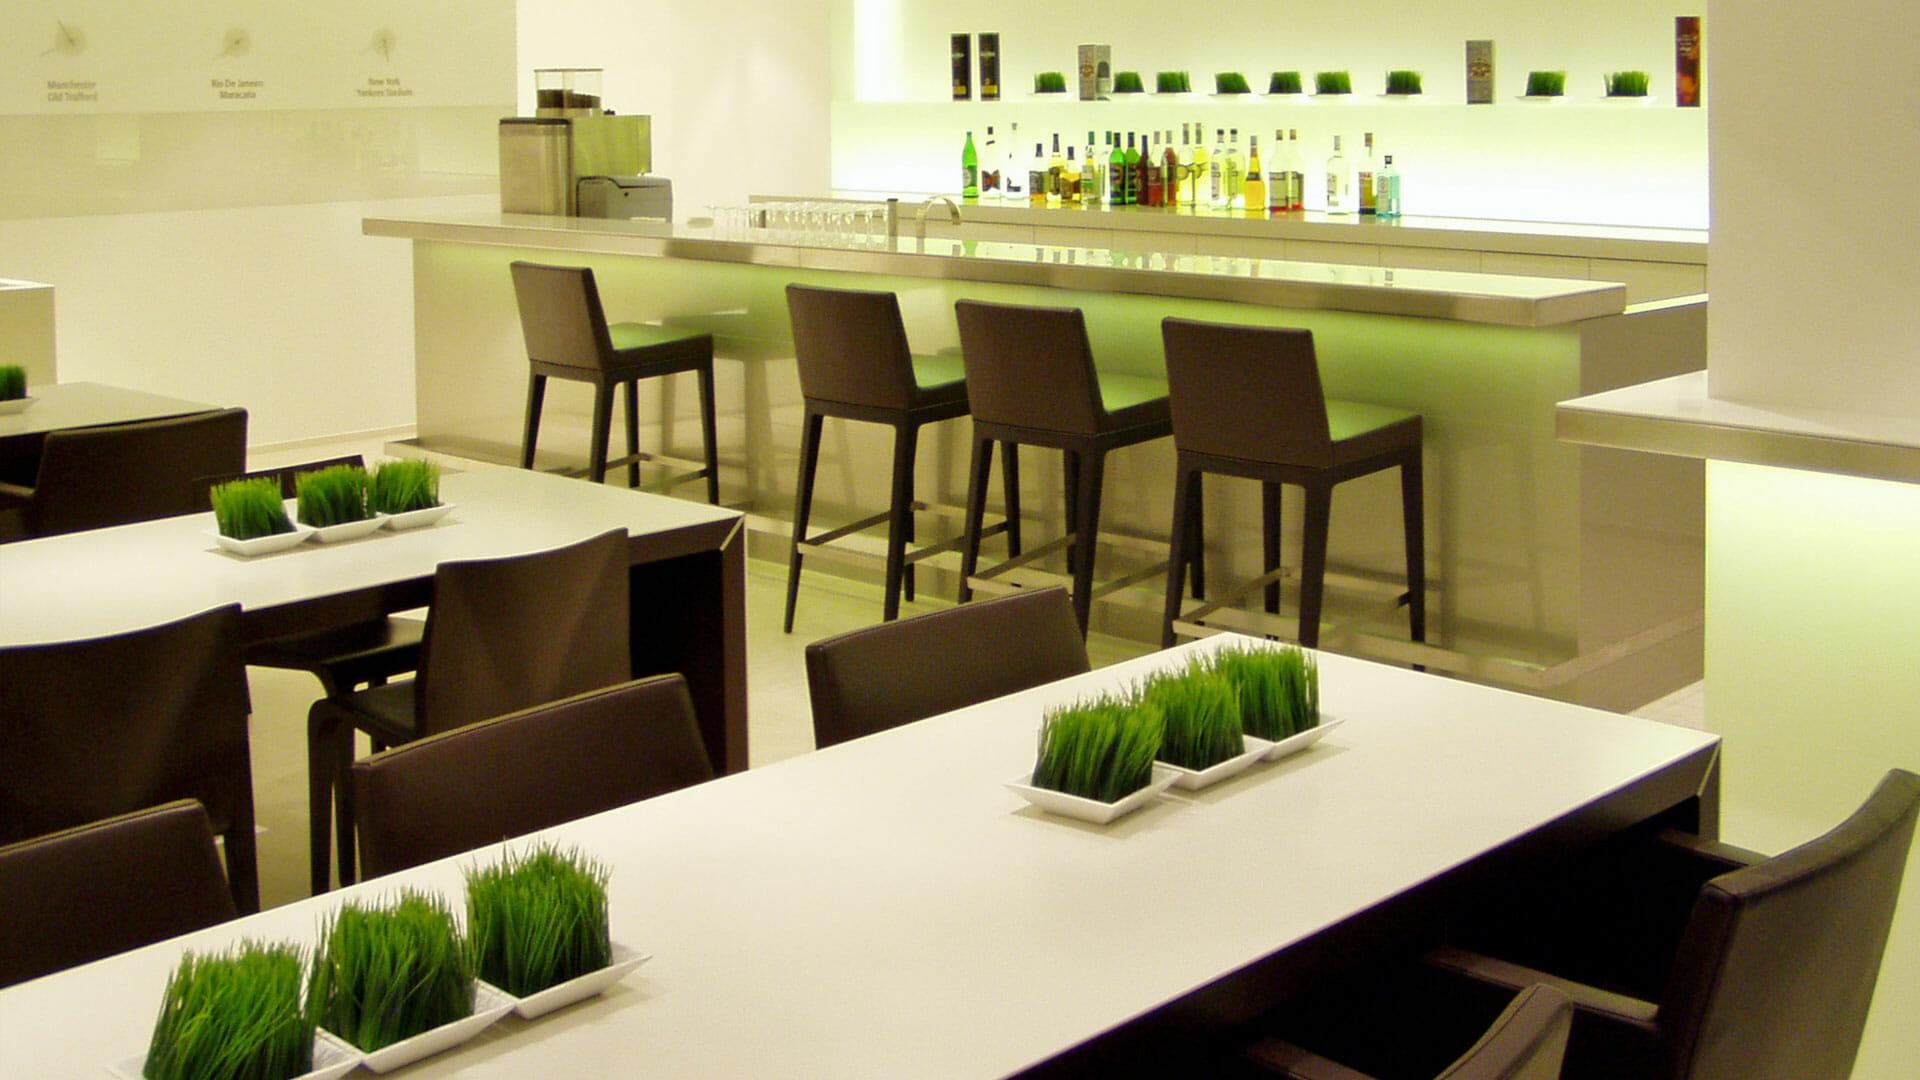 wengefurnierte Ess- und Konferenztische, Bar aus Glas und Edelstahl